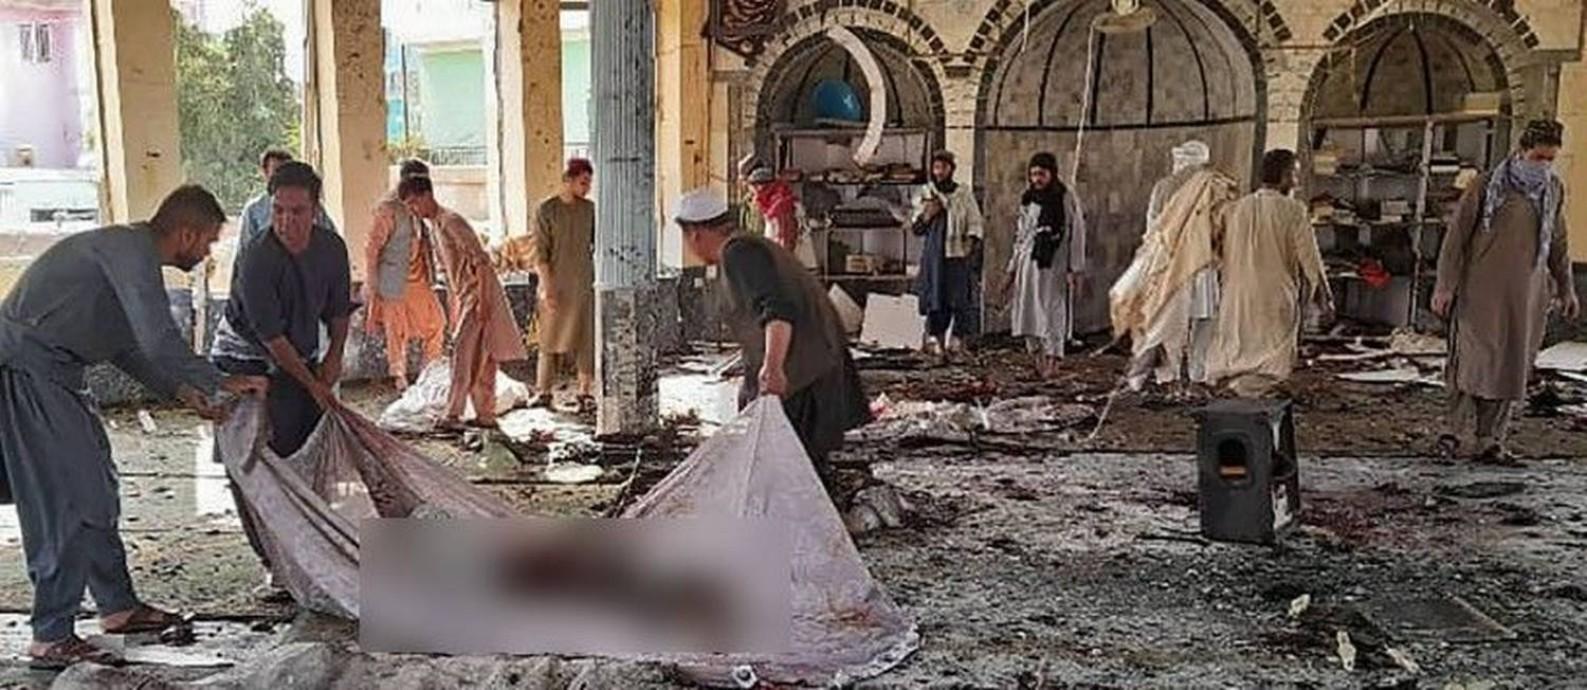 Explosão em mesquita no Afeganistão deixa ao menos 100 mortos e feridos -  Jornal O Globo